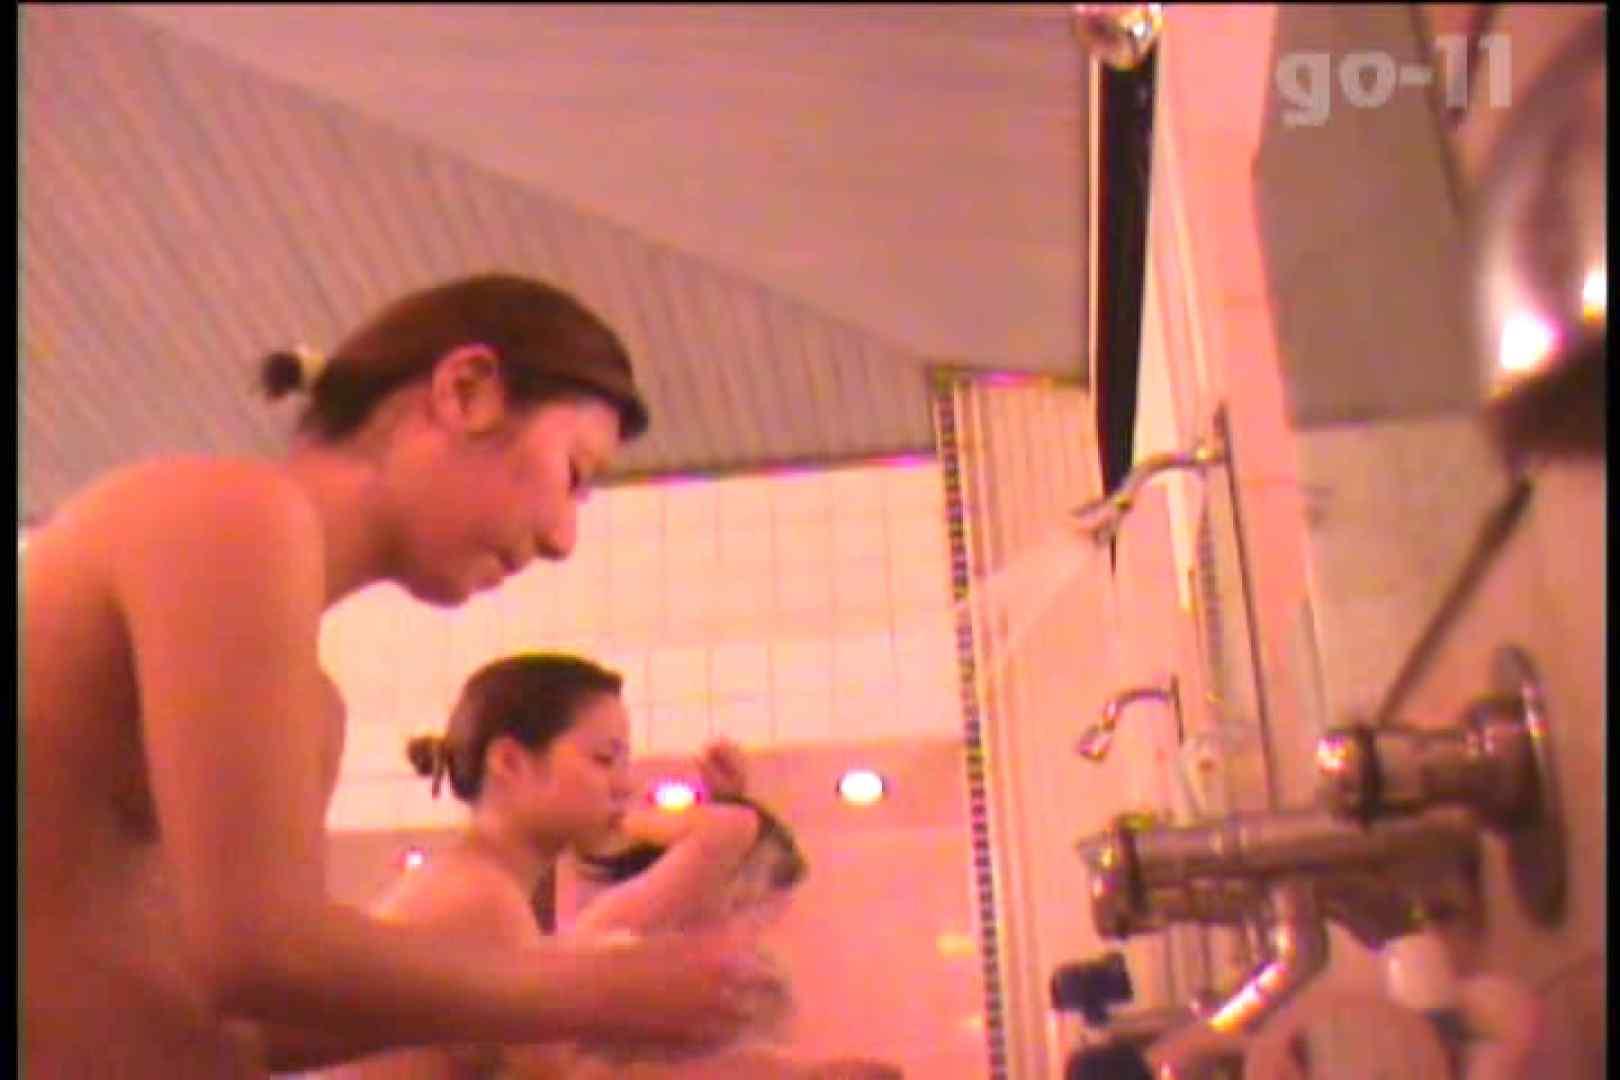 電波カメラ設置浴場からの防HAN映像 Vol.11 盗撮 | 色っぽいOL達  76pic 13